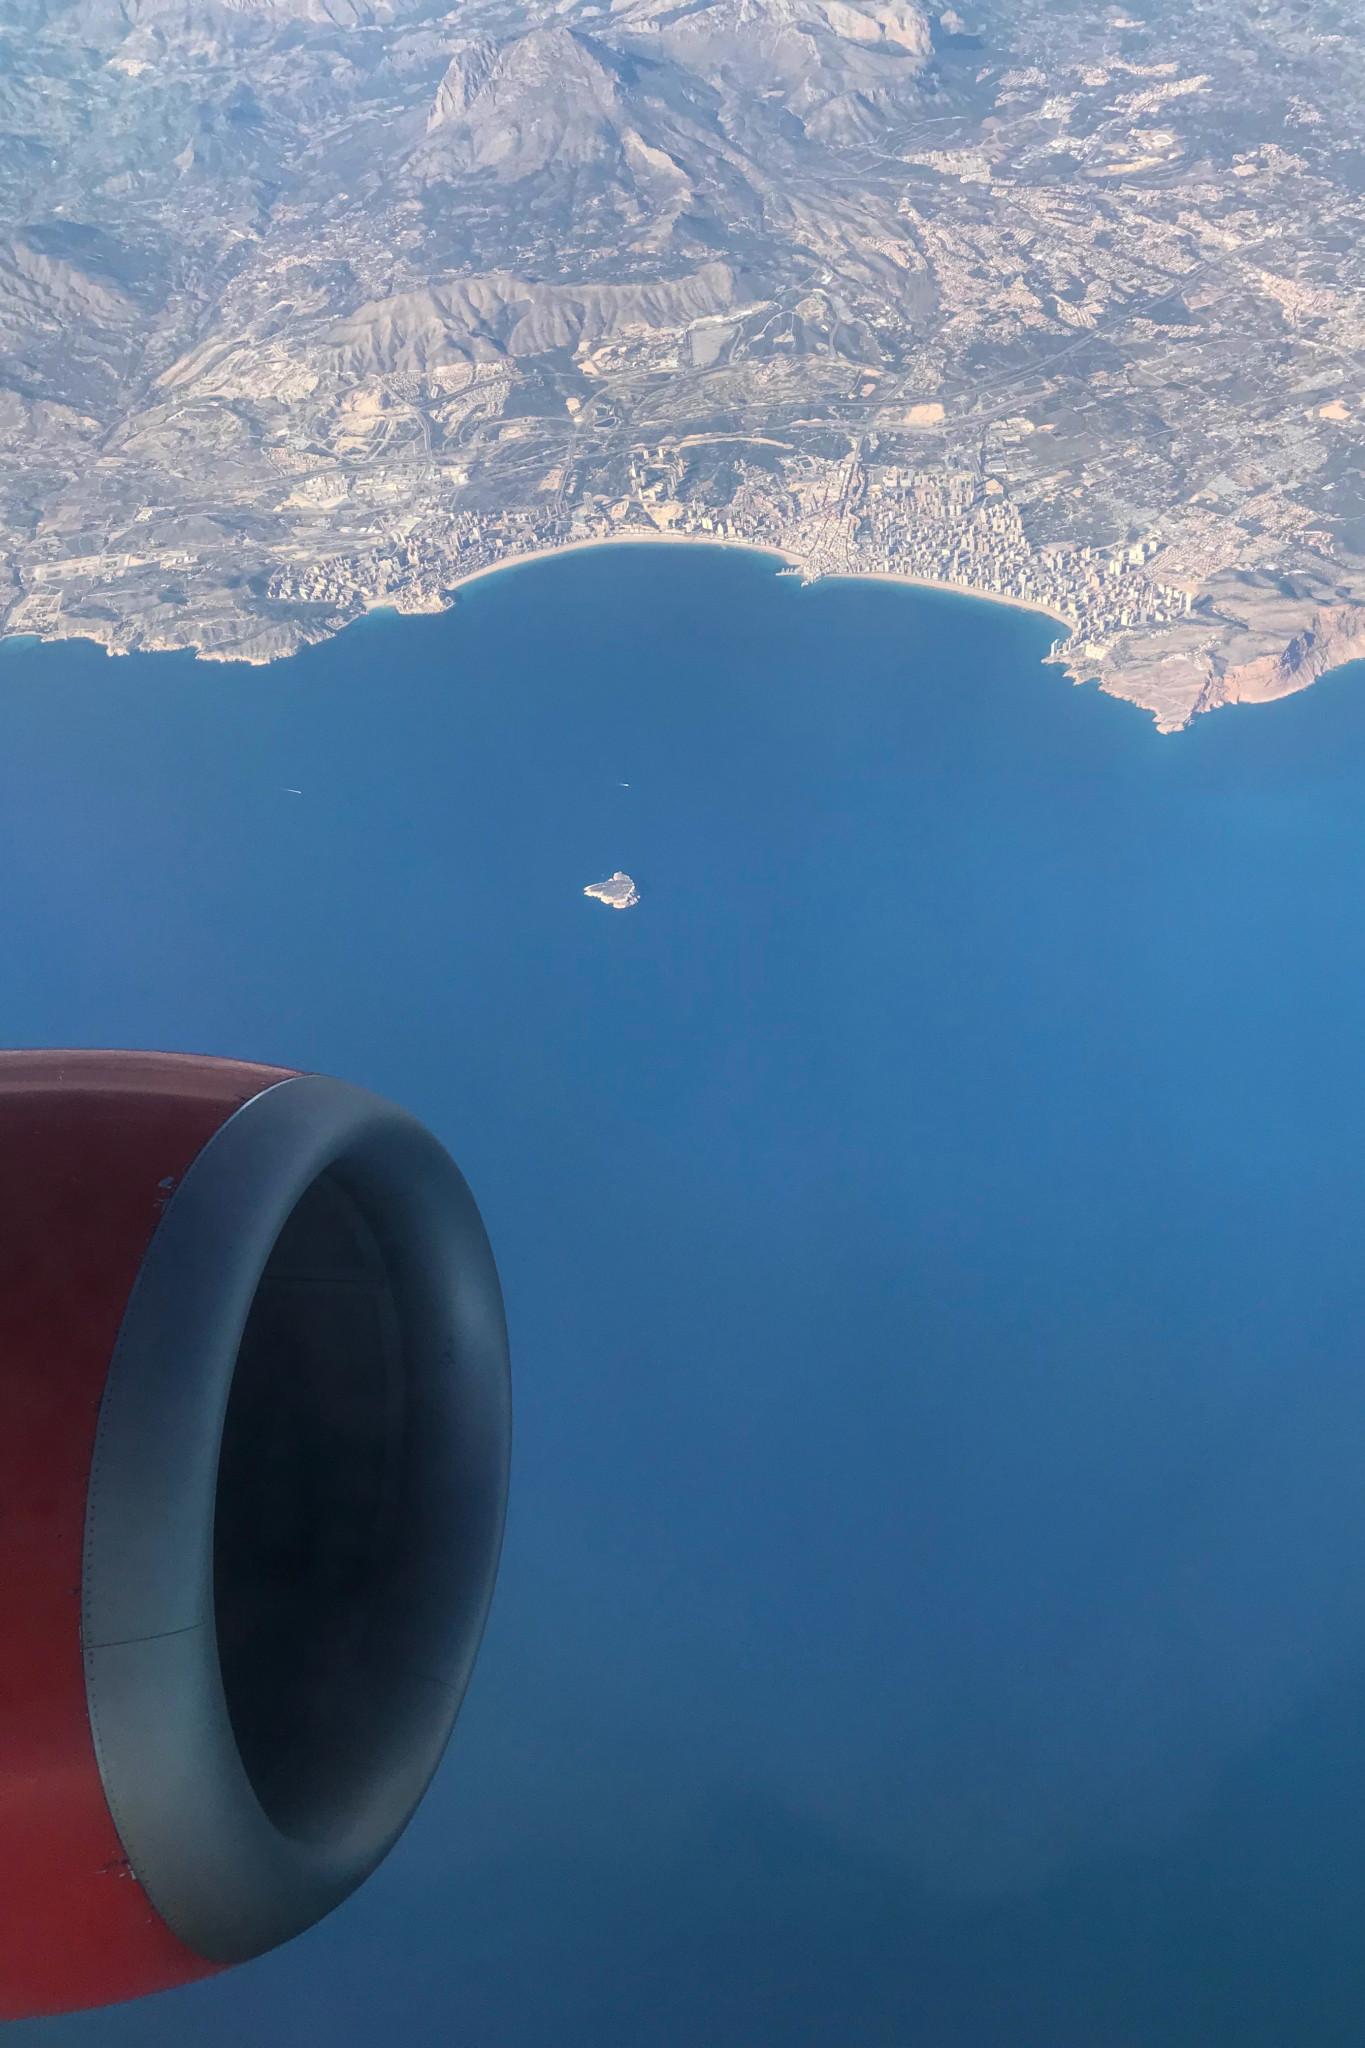 Ausblick auf dem SAS Flug von Stockholm nach Alicante